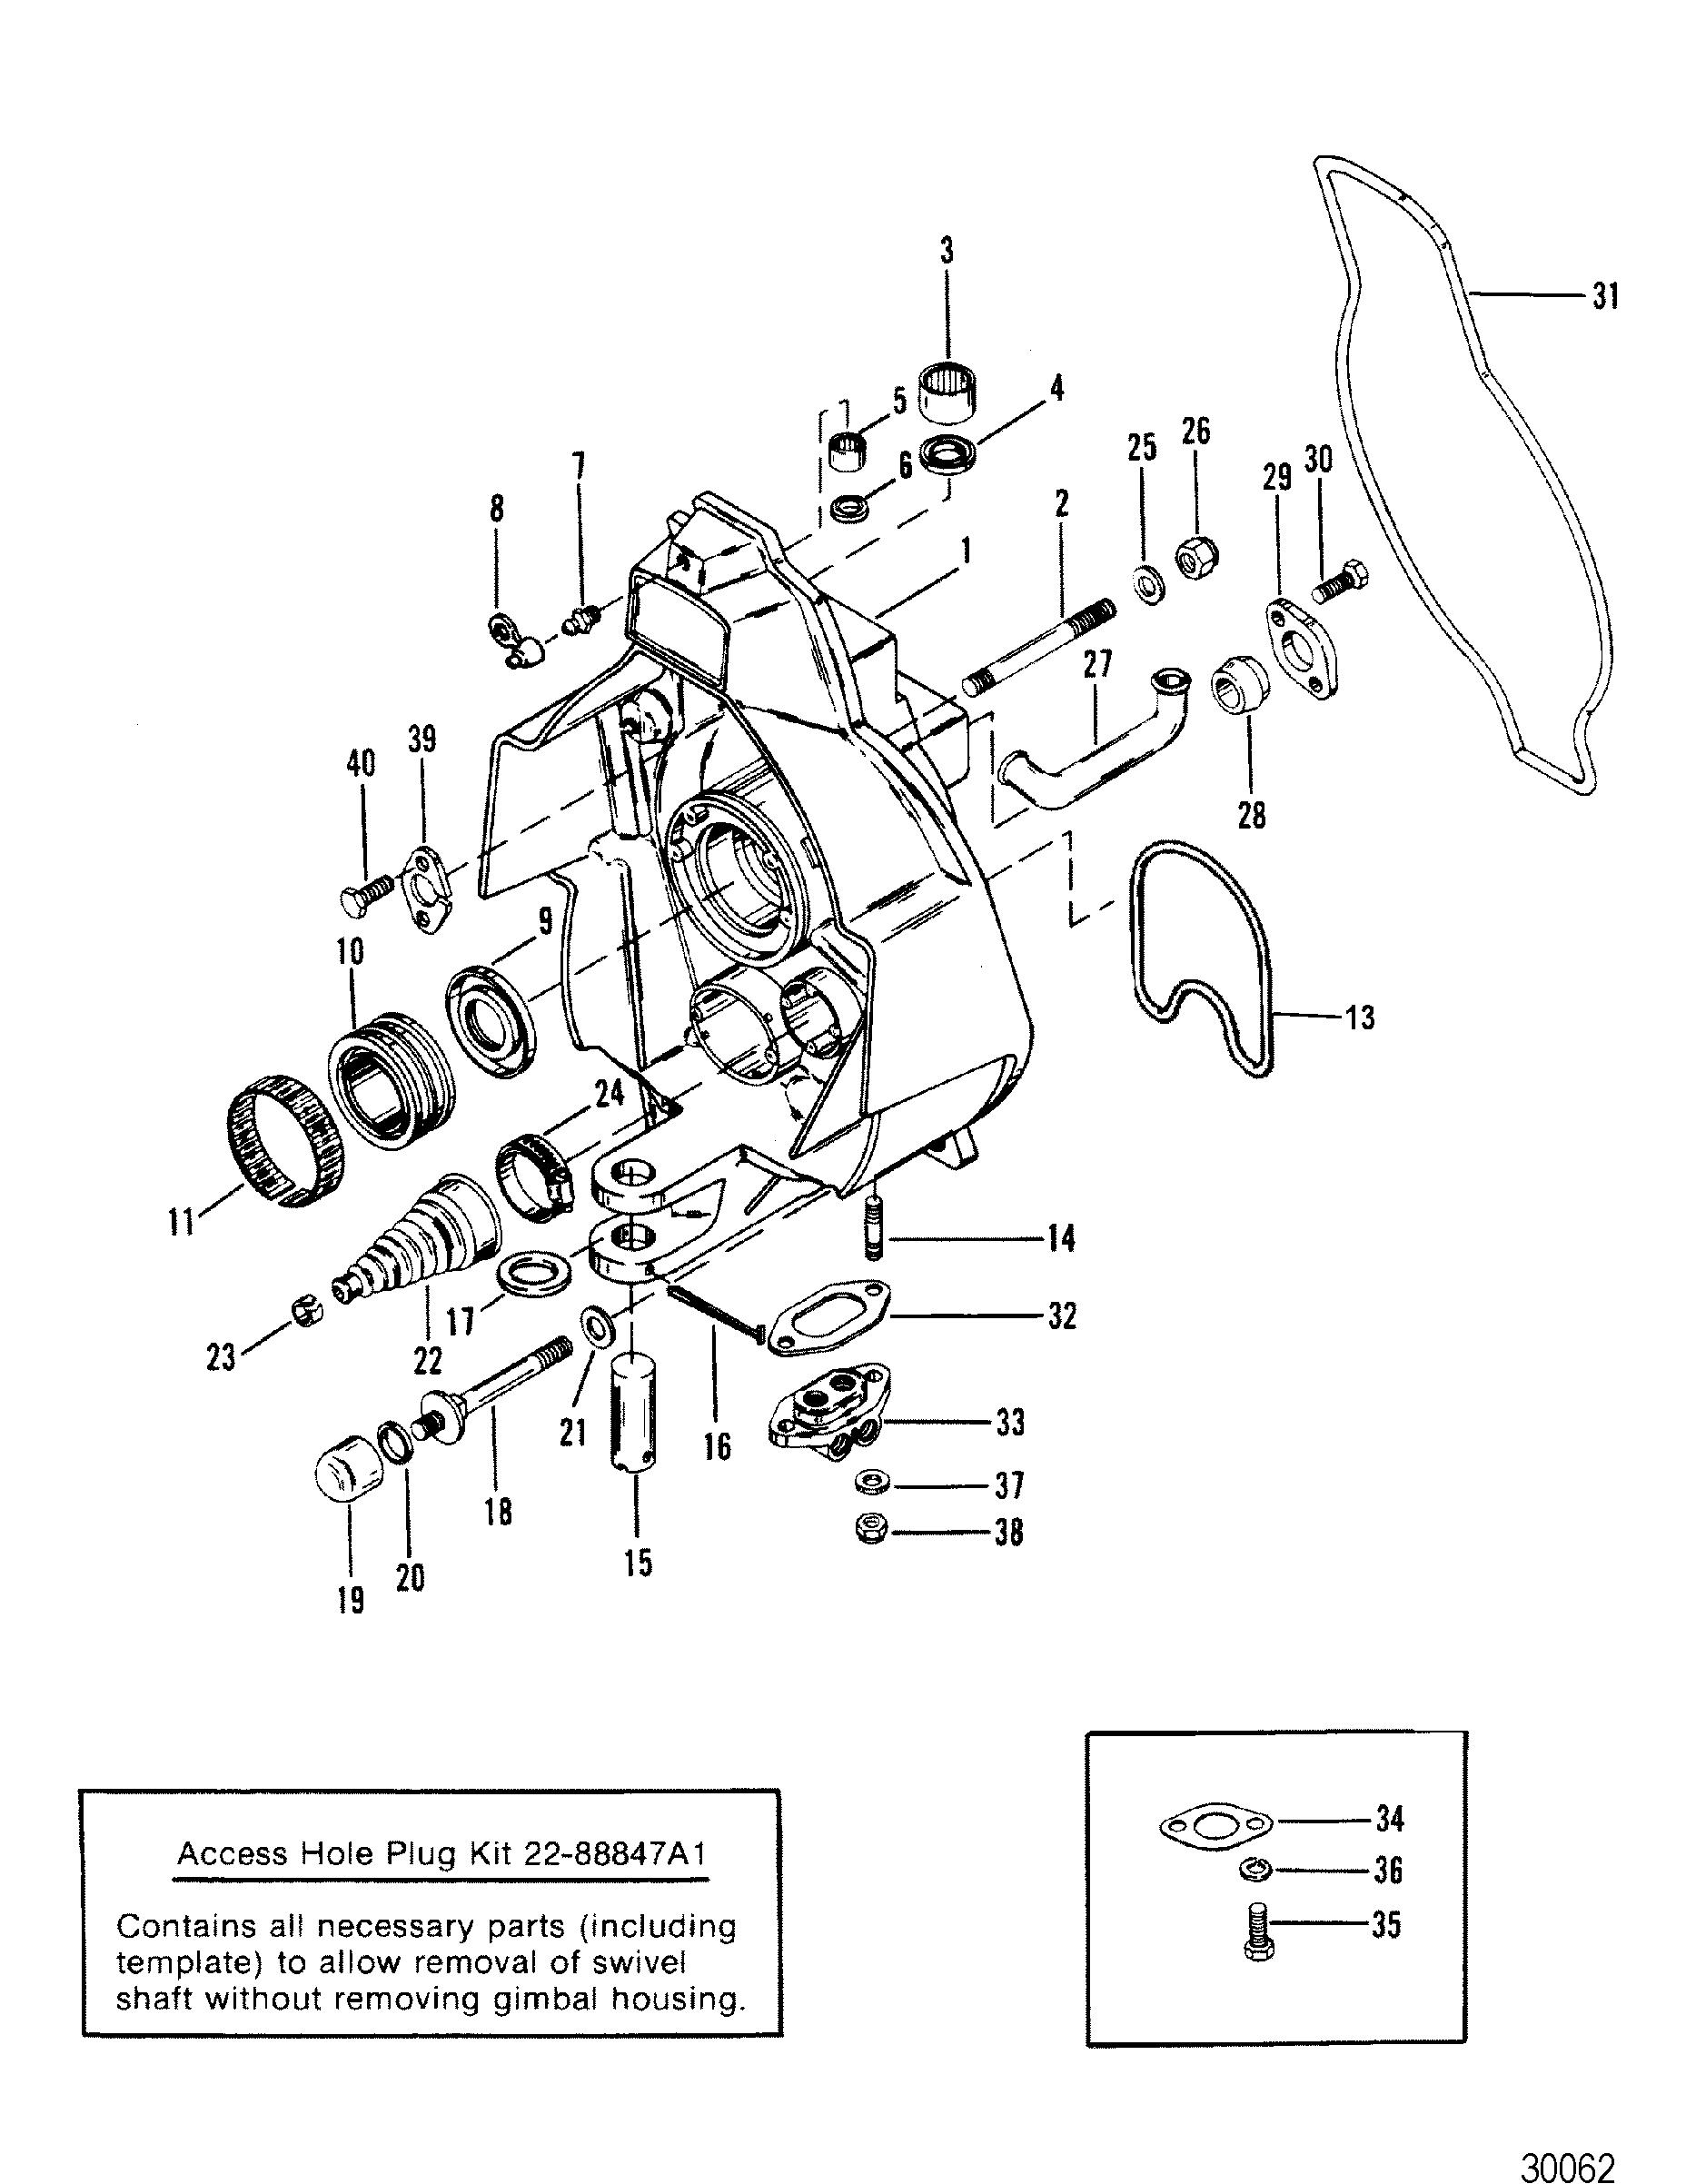 gimbal housing square  splined upper swivel shaft for mercruiser r  mr alpha one sterndrive